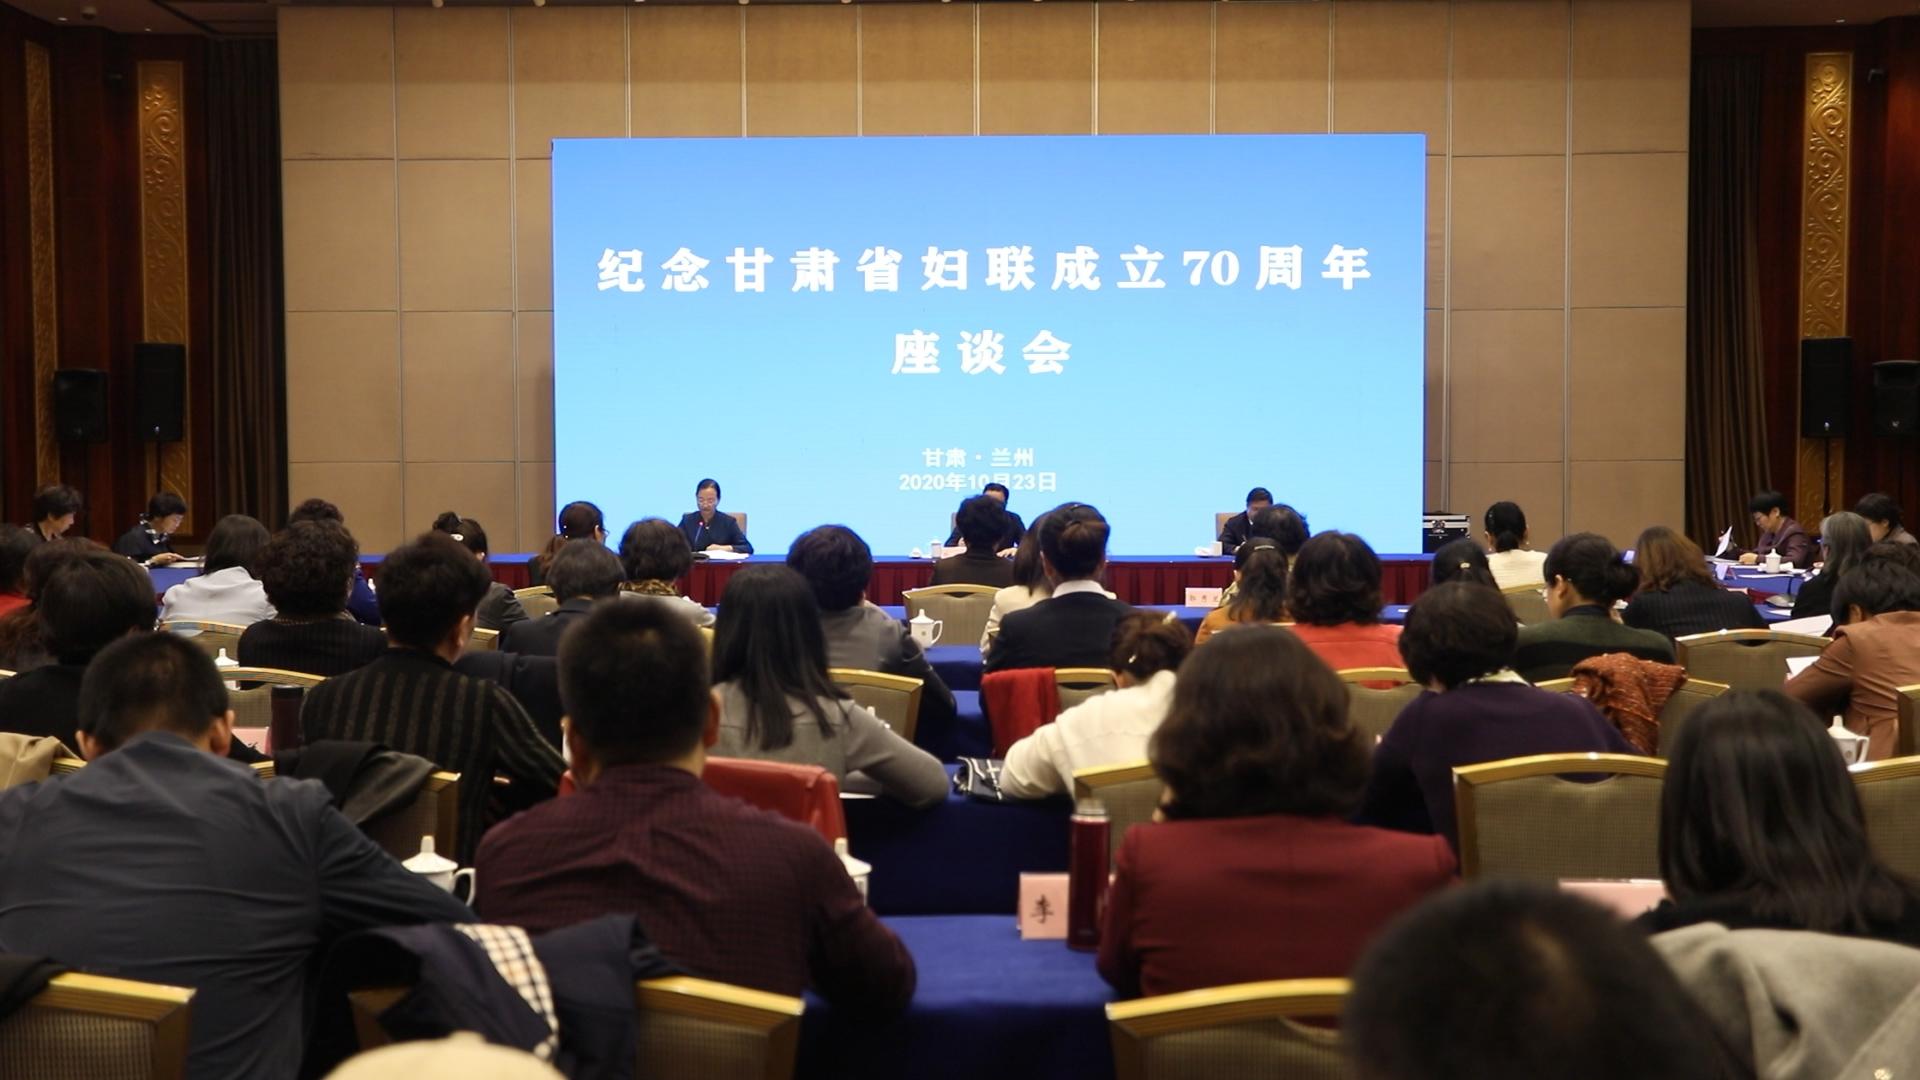 甘肅省婦聯舉行成立70周年紀念座談會 孫偉出席并講話